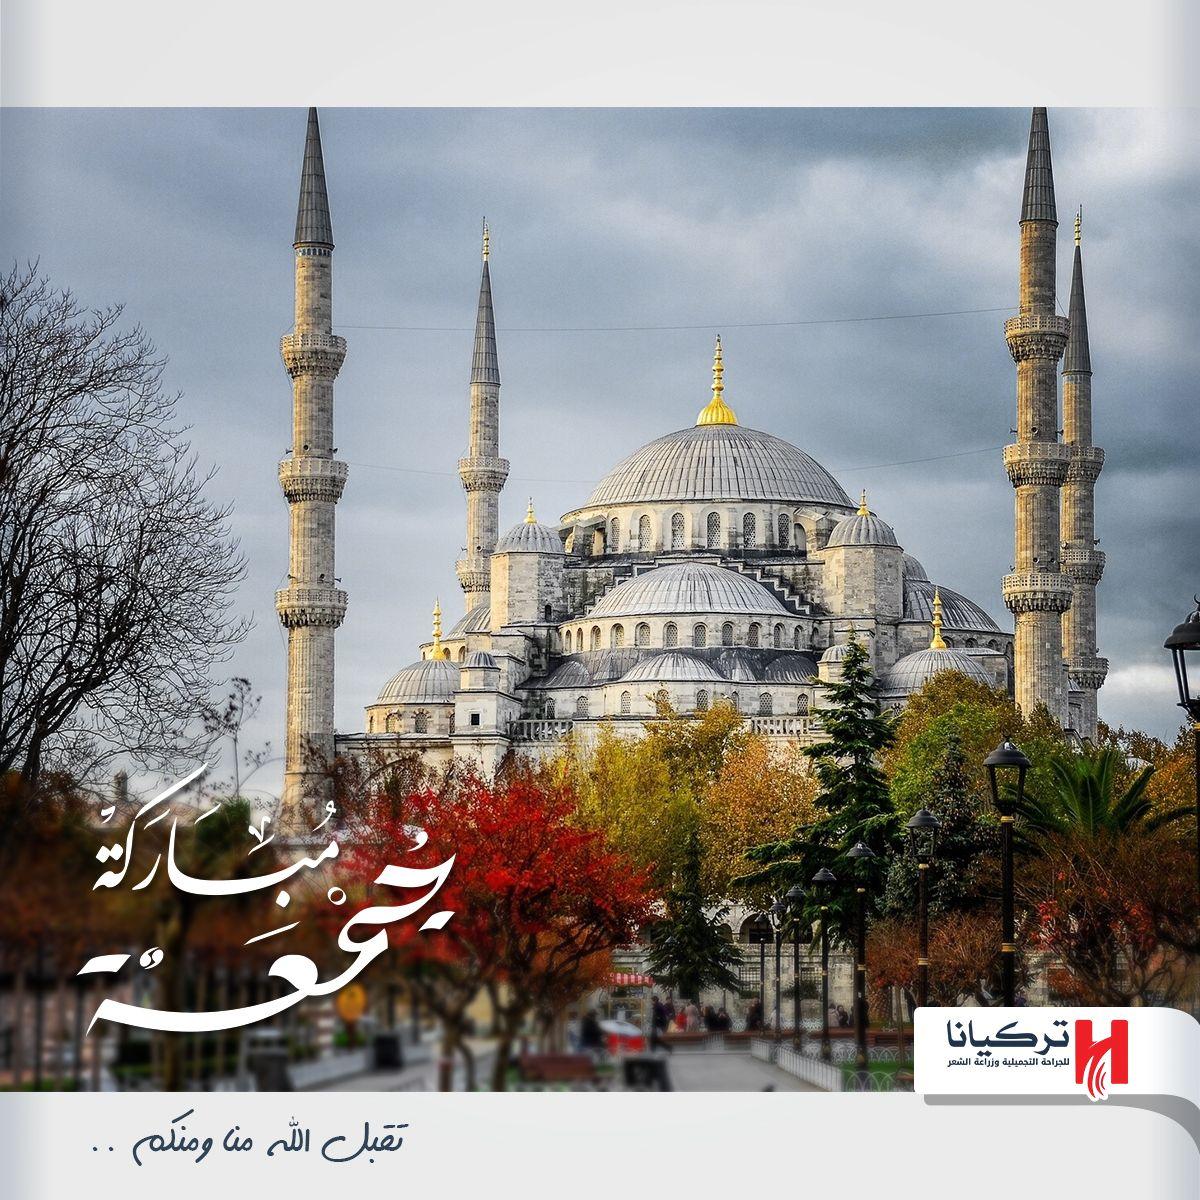 بارك الله لكم جمعتكم بكل خير تركيا تركيانا جمعة مباركة يوم الجمعة يوم سعيد Bles Jumma Mubarak Images Kingdom Of Great Britain Mubarak Images